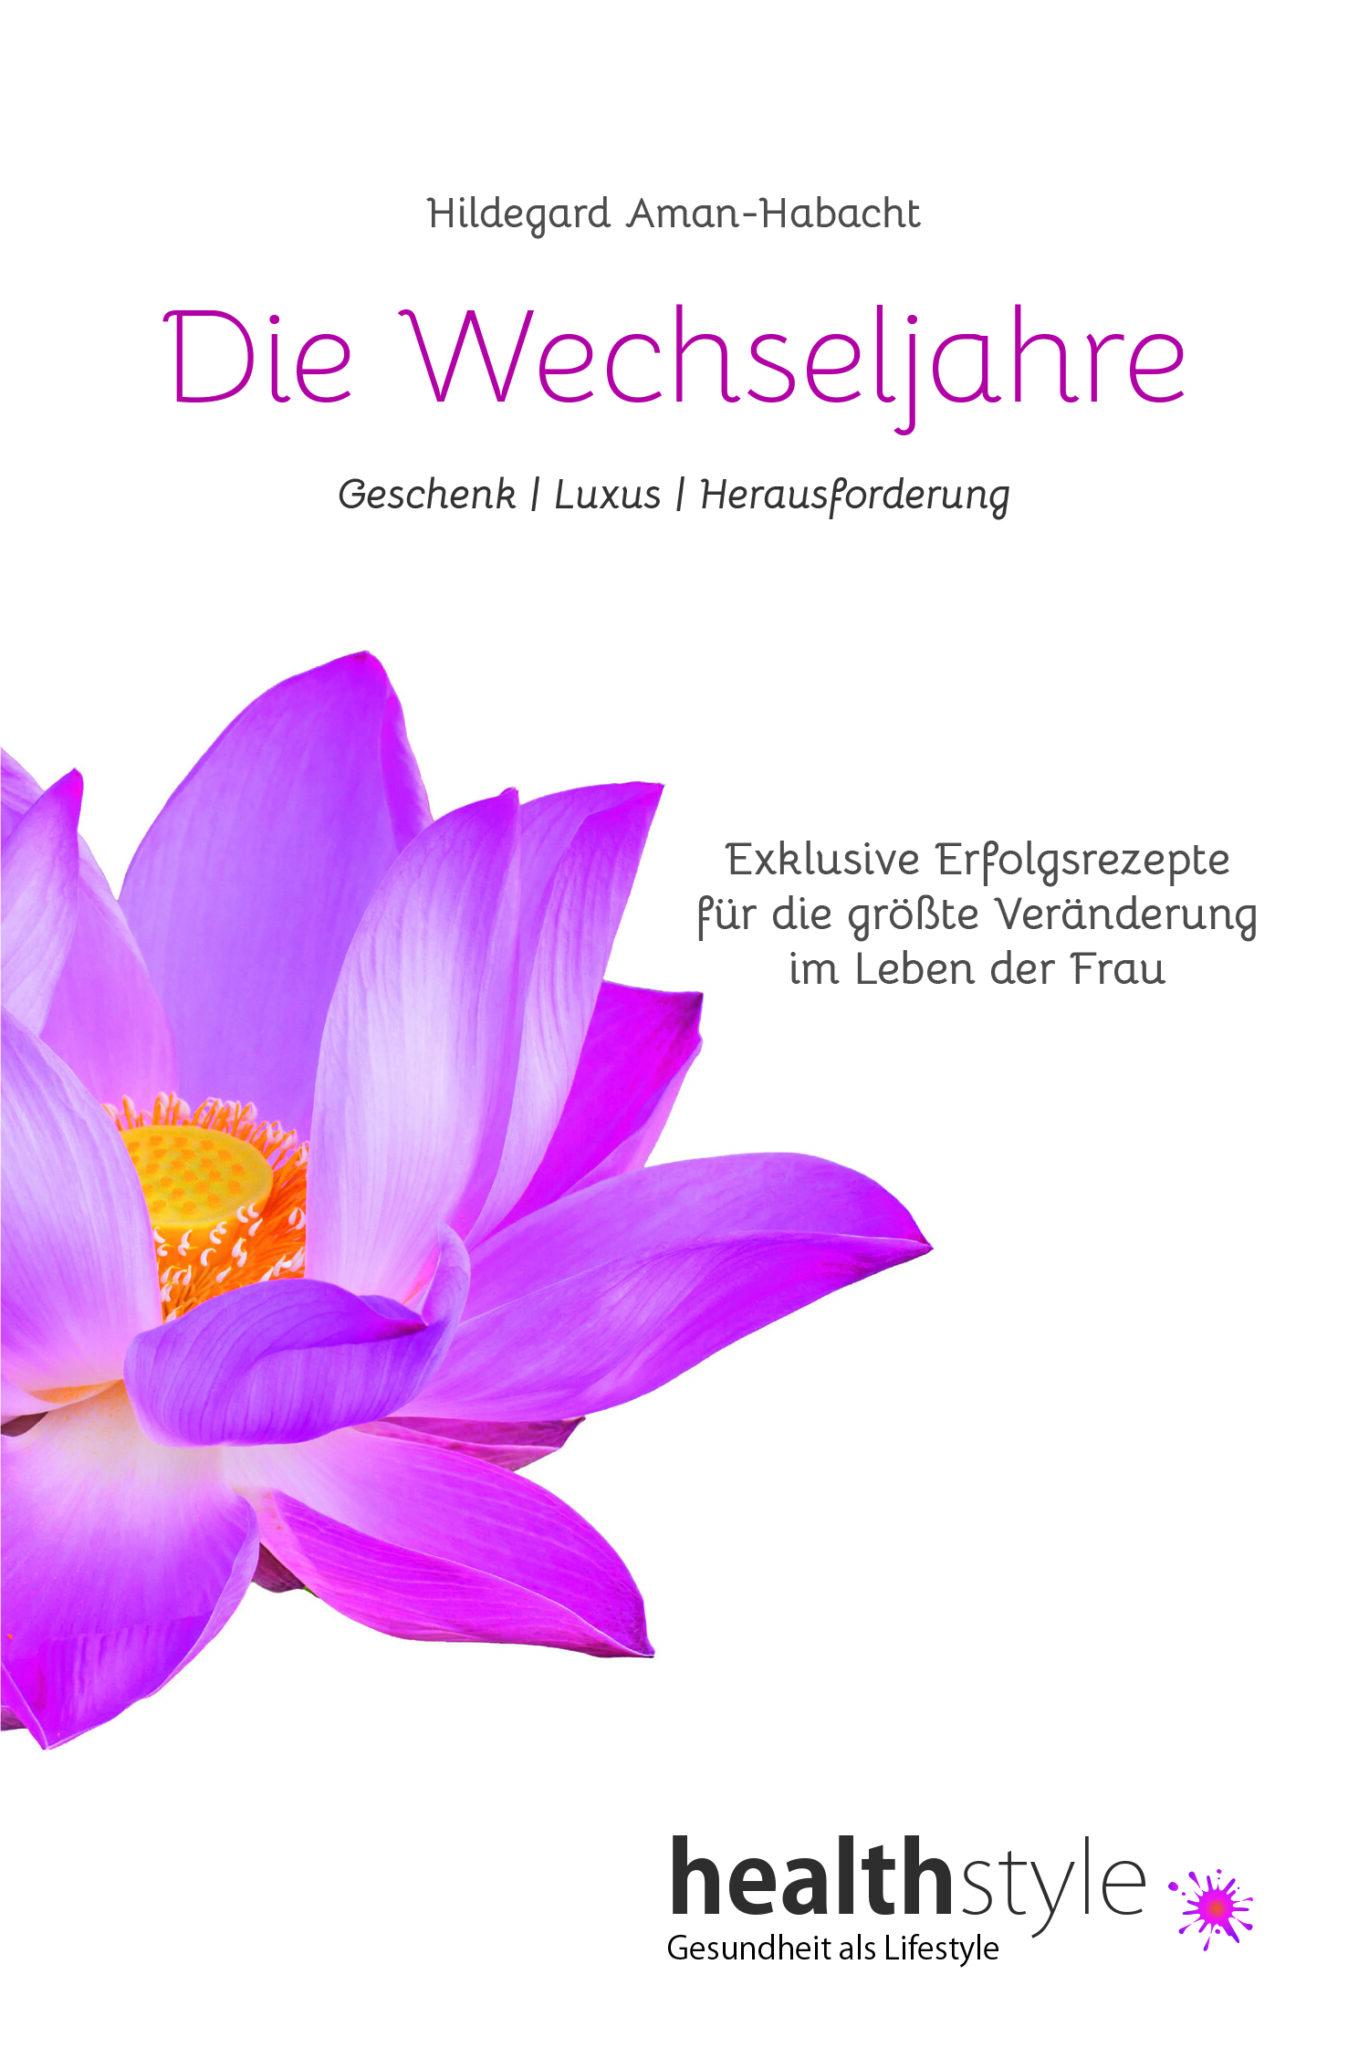 Die Wechseljahre der Frau | Hildegard Aman-Habacht | meine-wechseljahre.com | Buch | Ratgeber